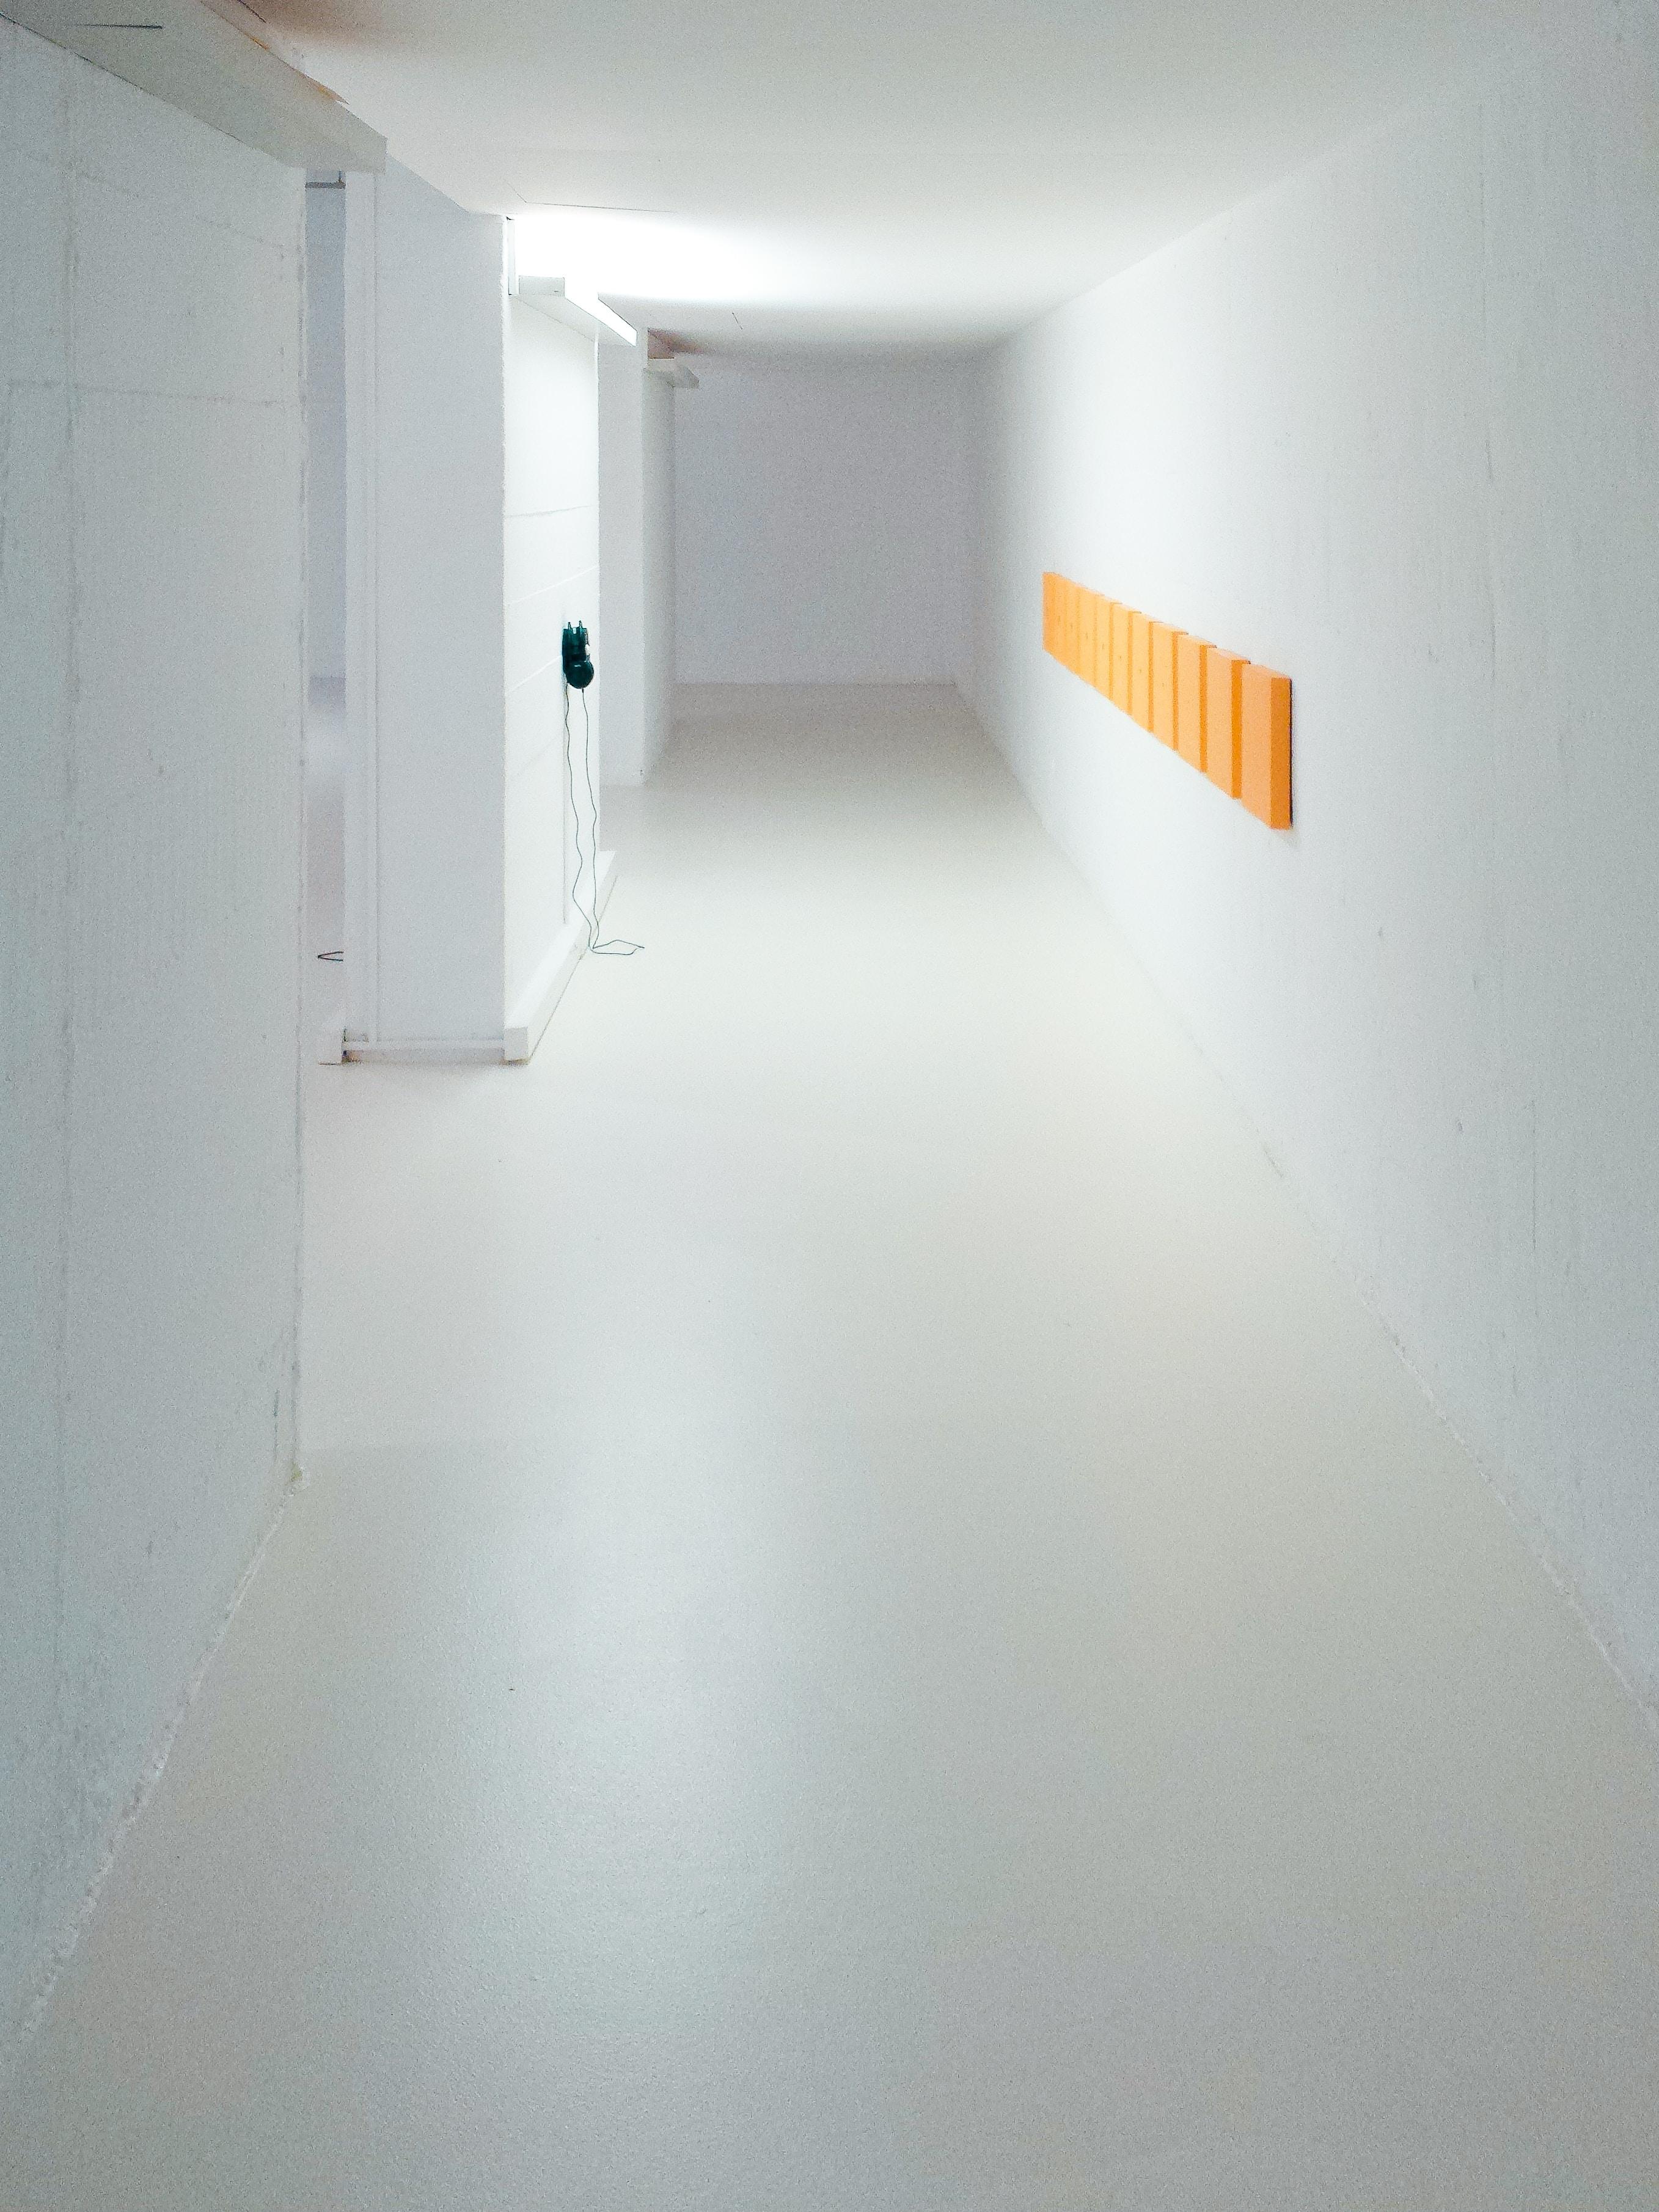 empty hallway between white walls